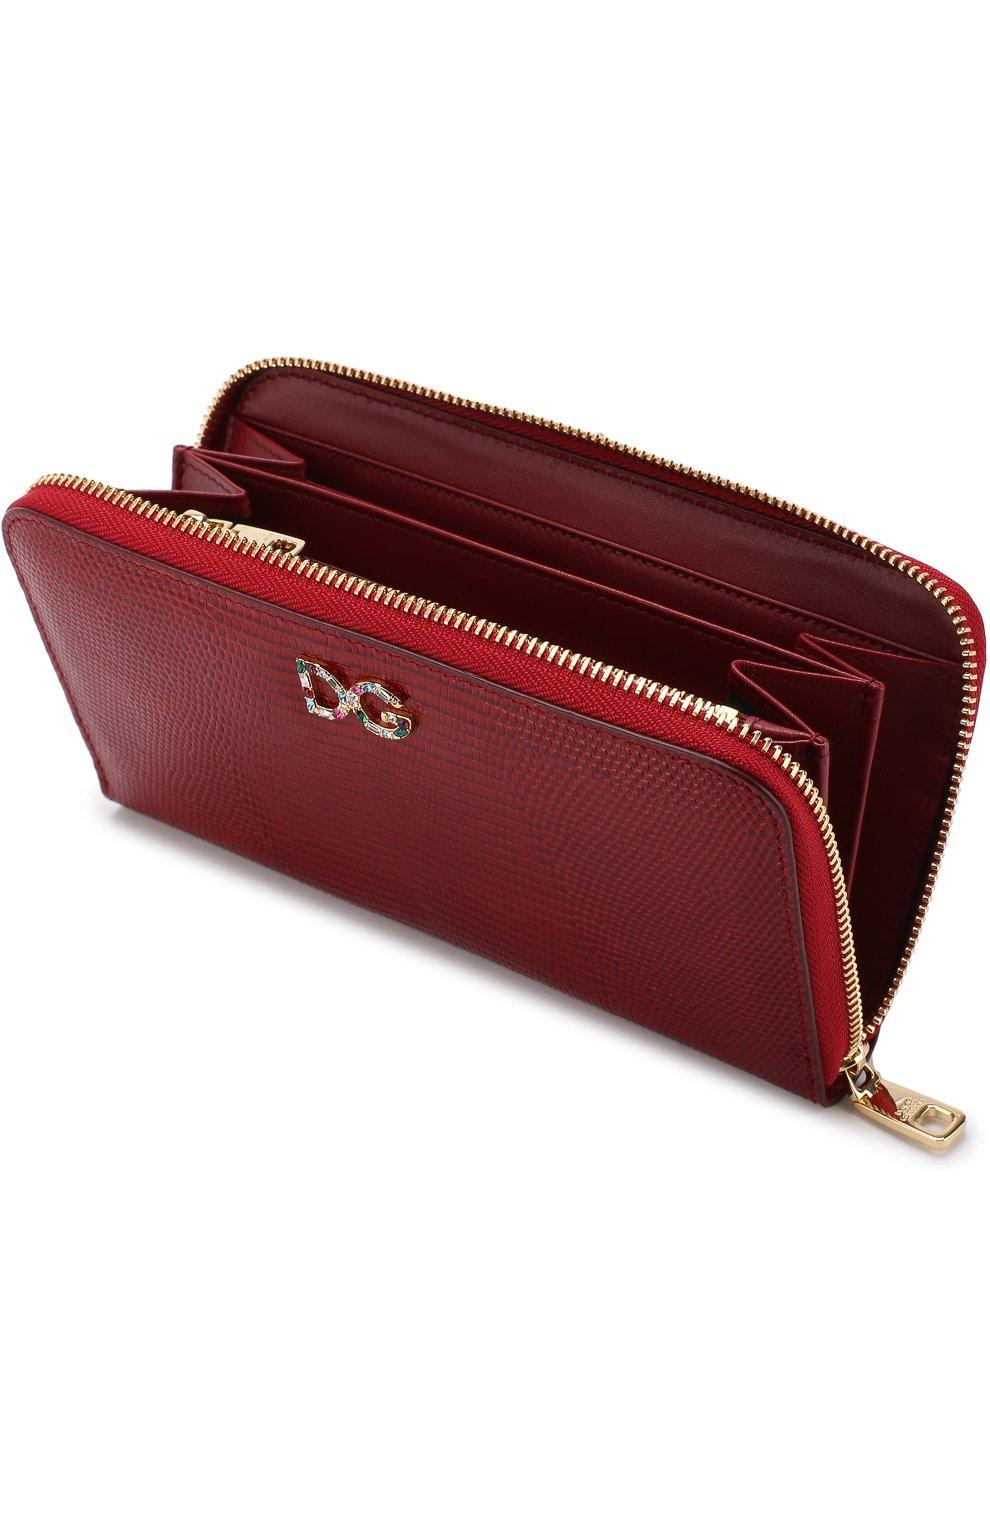 Кожаный кошелек на молнии Dolce & Gabbana красного цвета | Фото №3